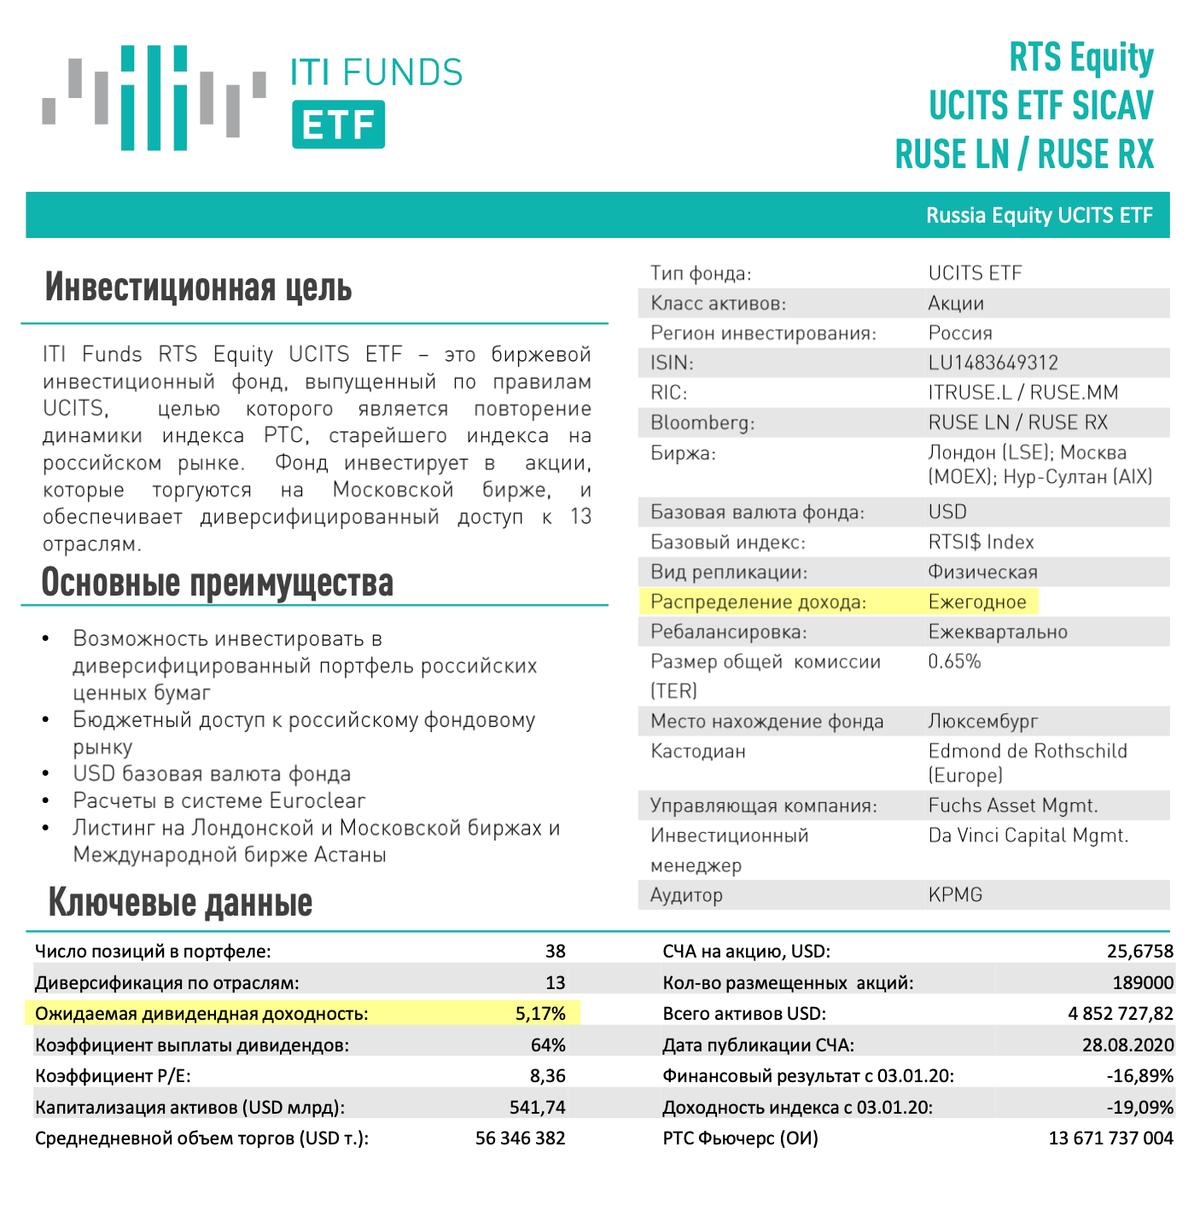 Единственный в России биржевой фонд, который платит дивиденды, а не реинвестирует их. Выплаты происходят раз в год, доходность — около 5%